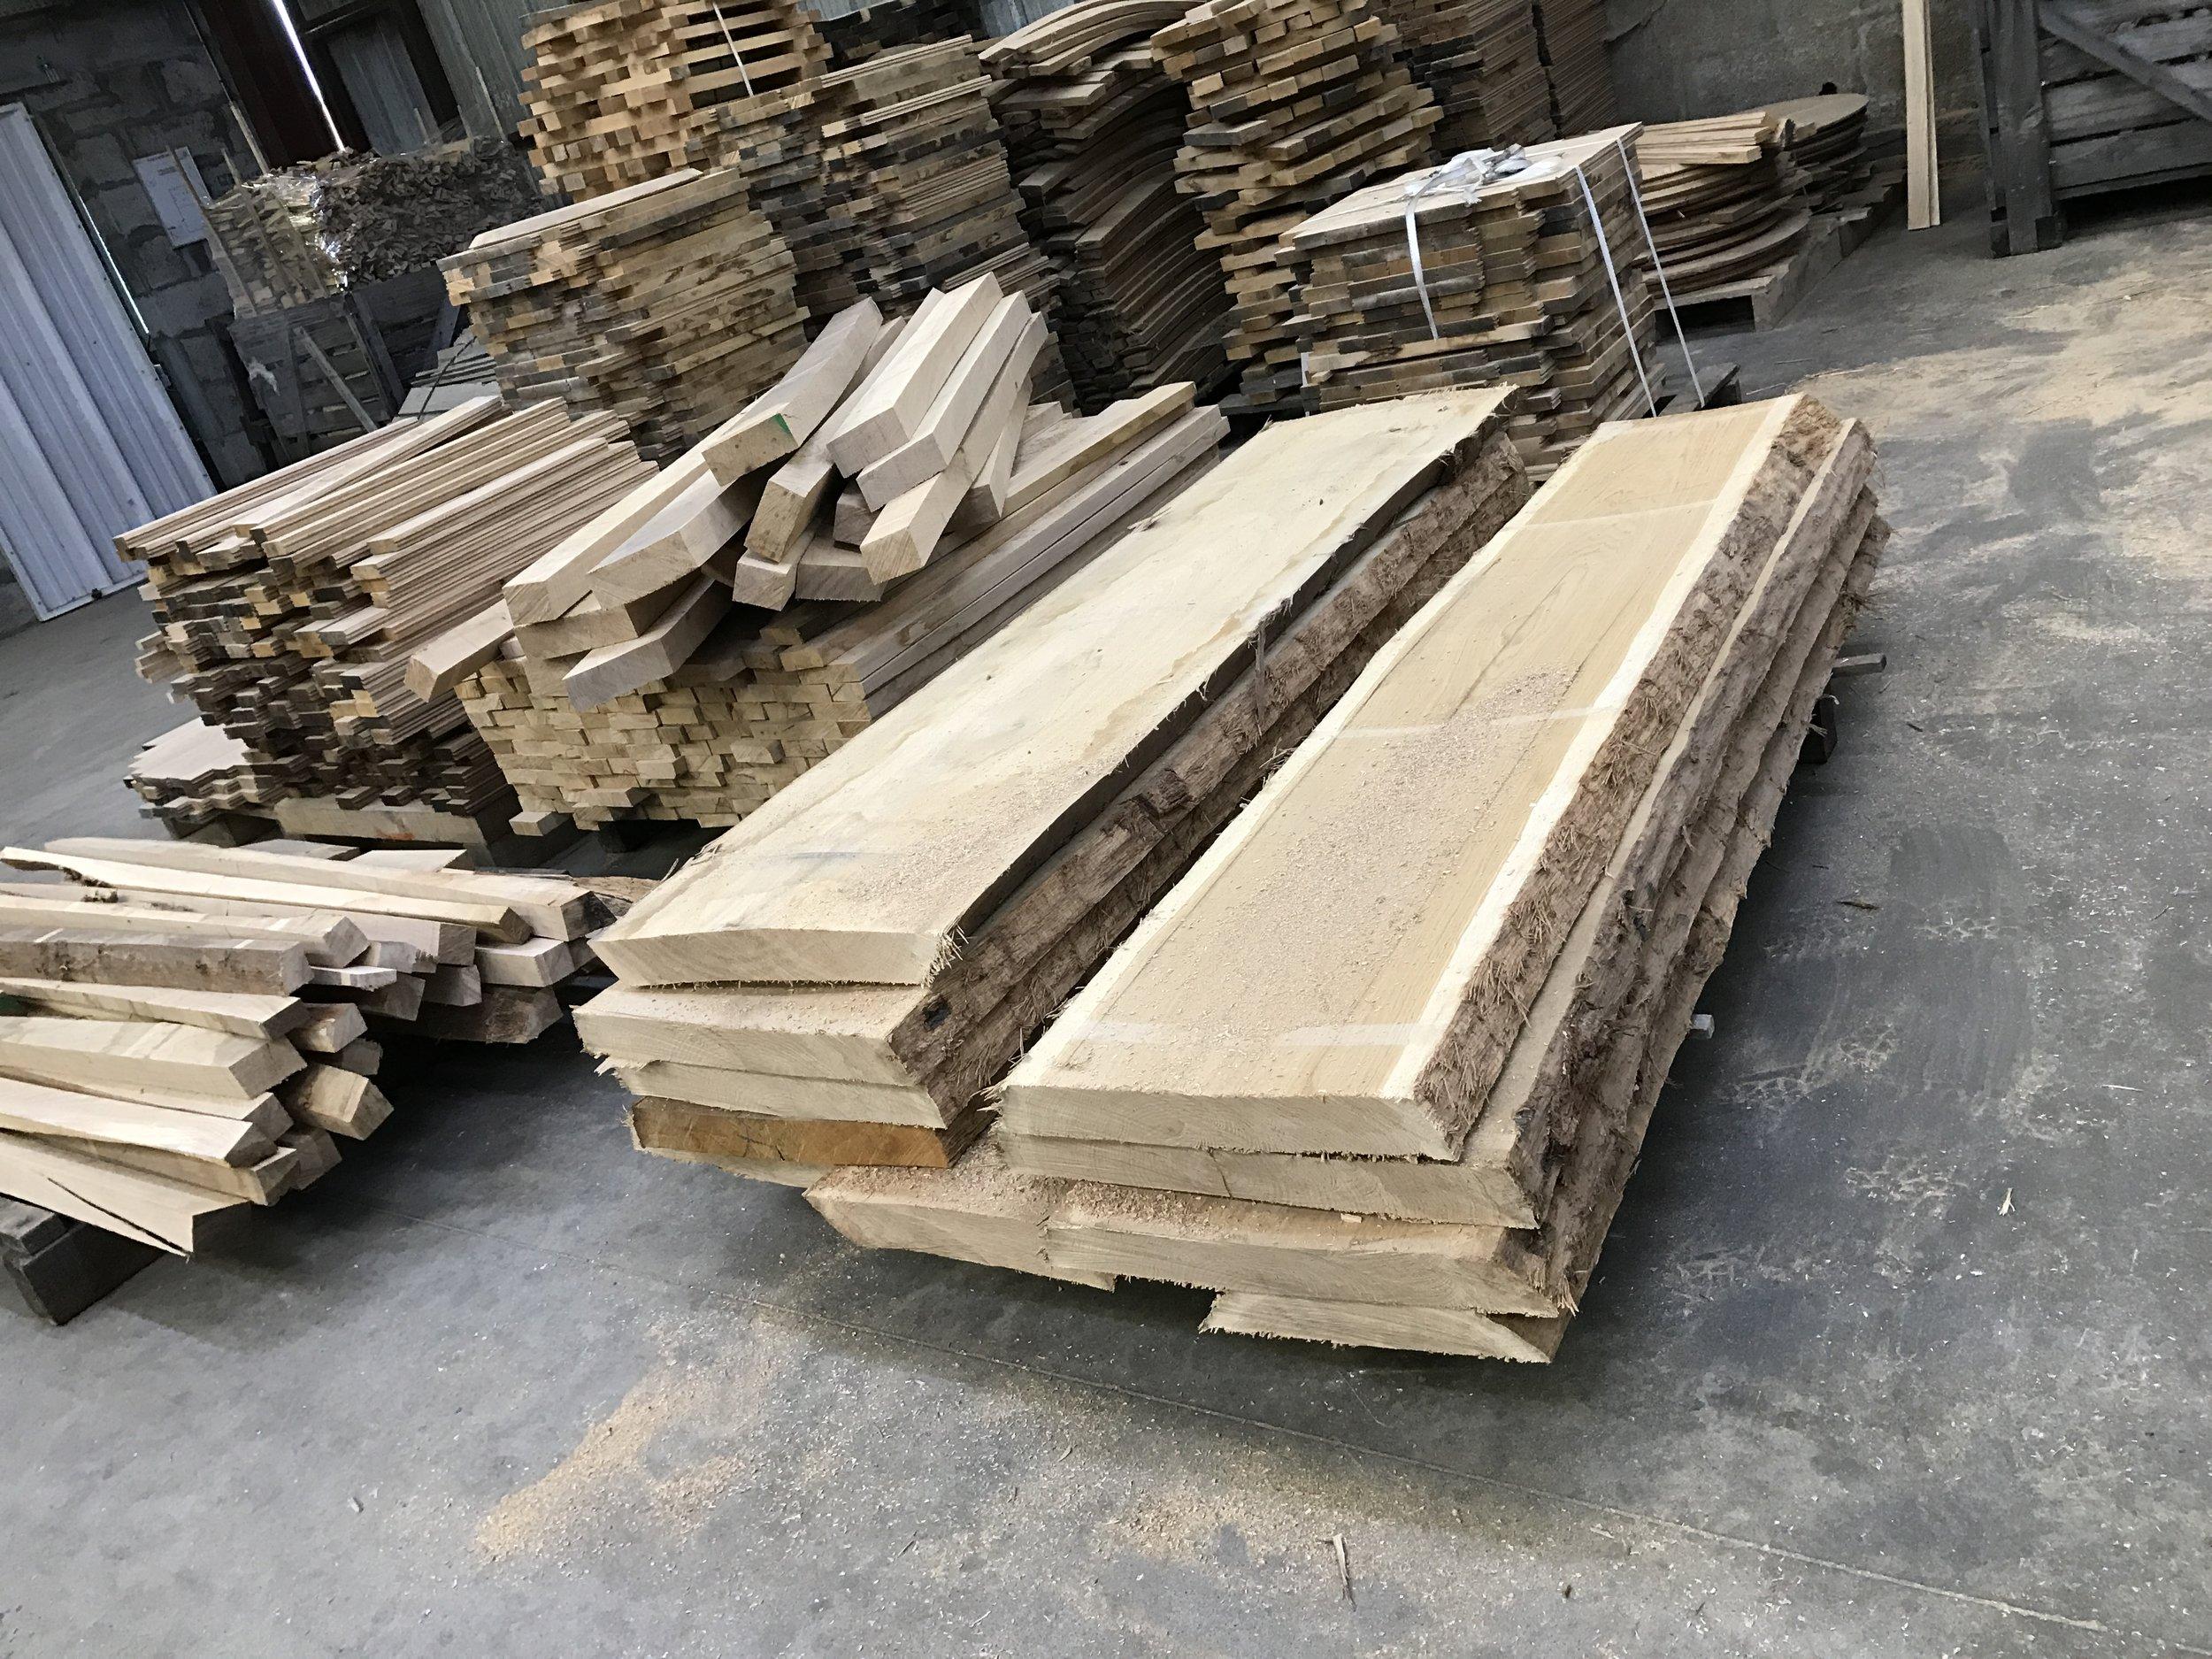 Oak, soon to be barrels, at Tonnellerie Bossuet